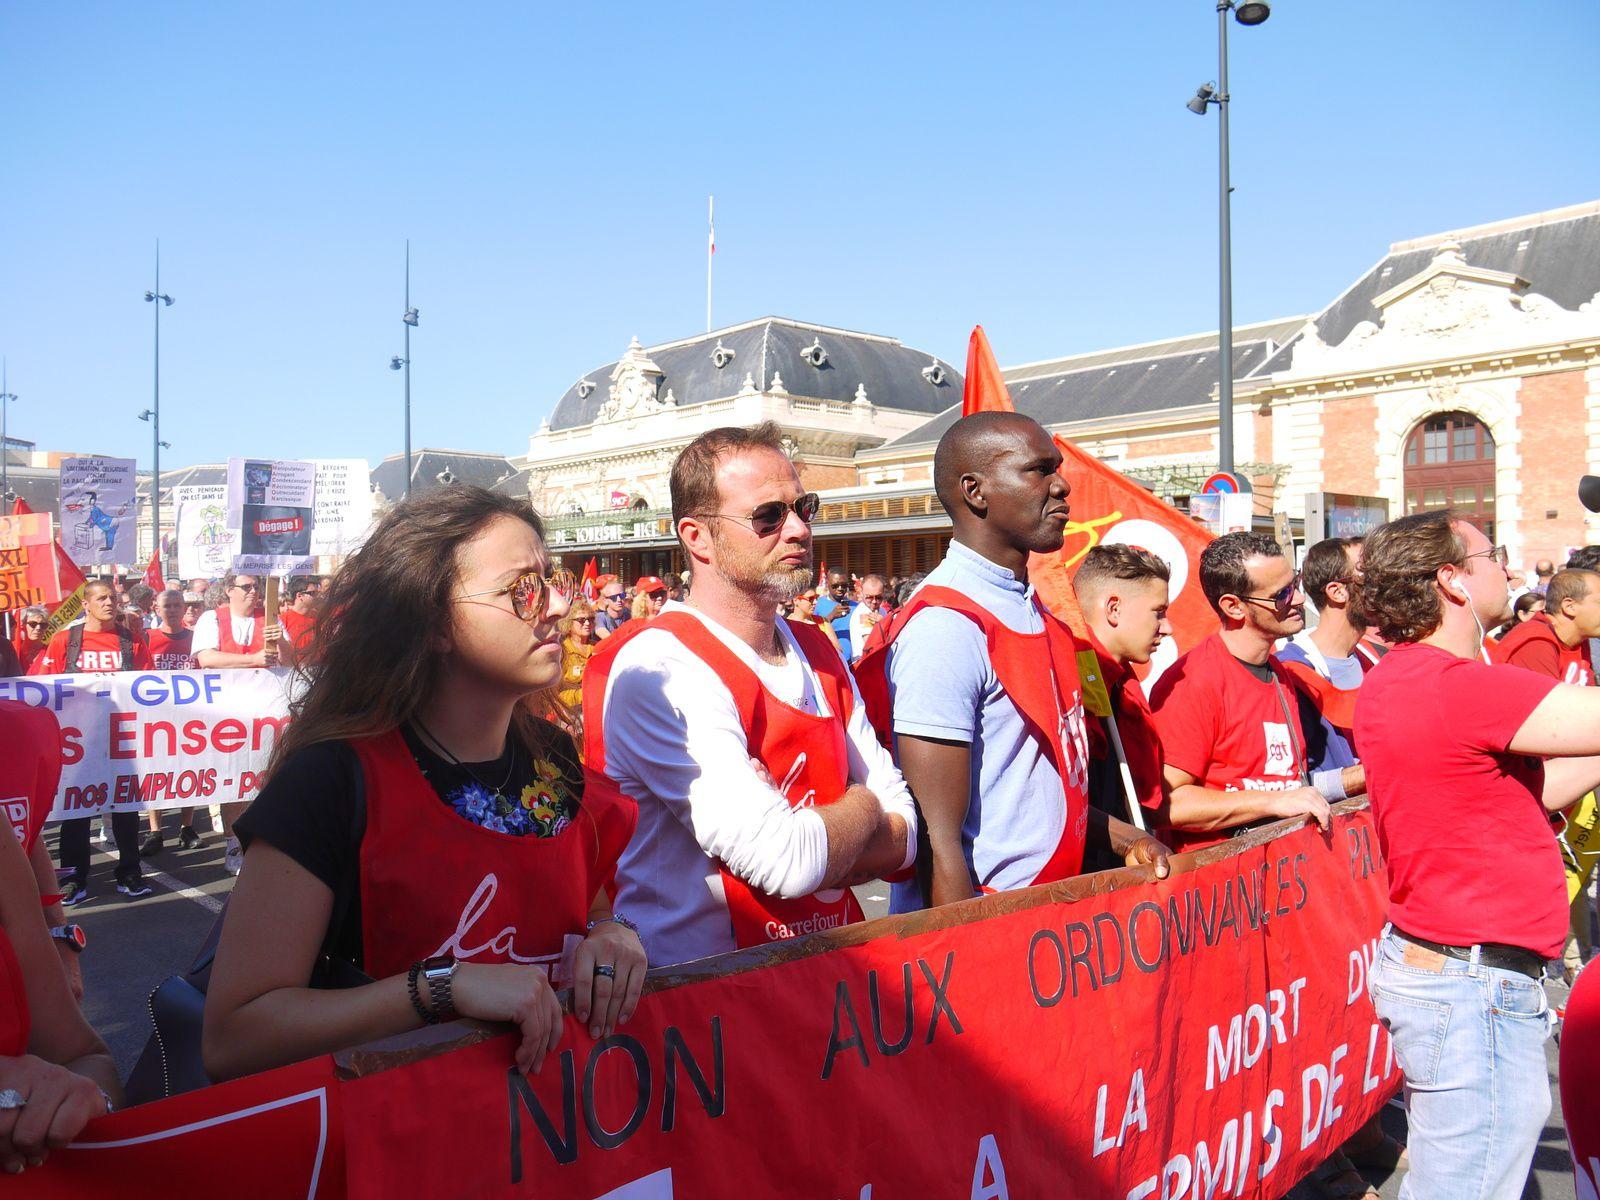 La manifestation du 12 septembre à Nice en images